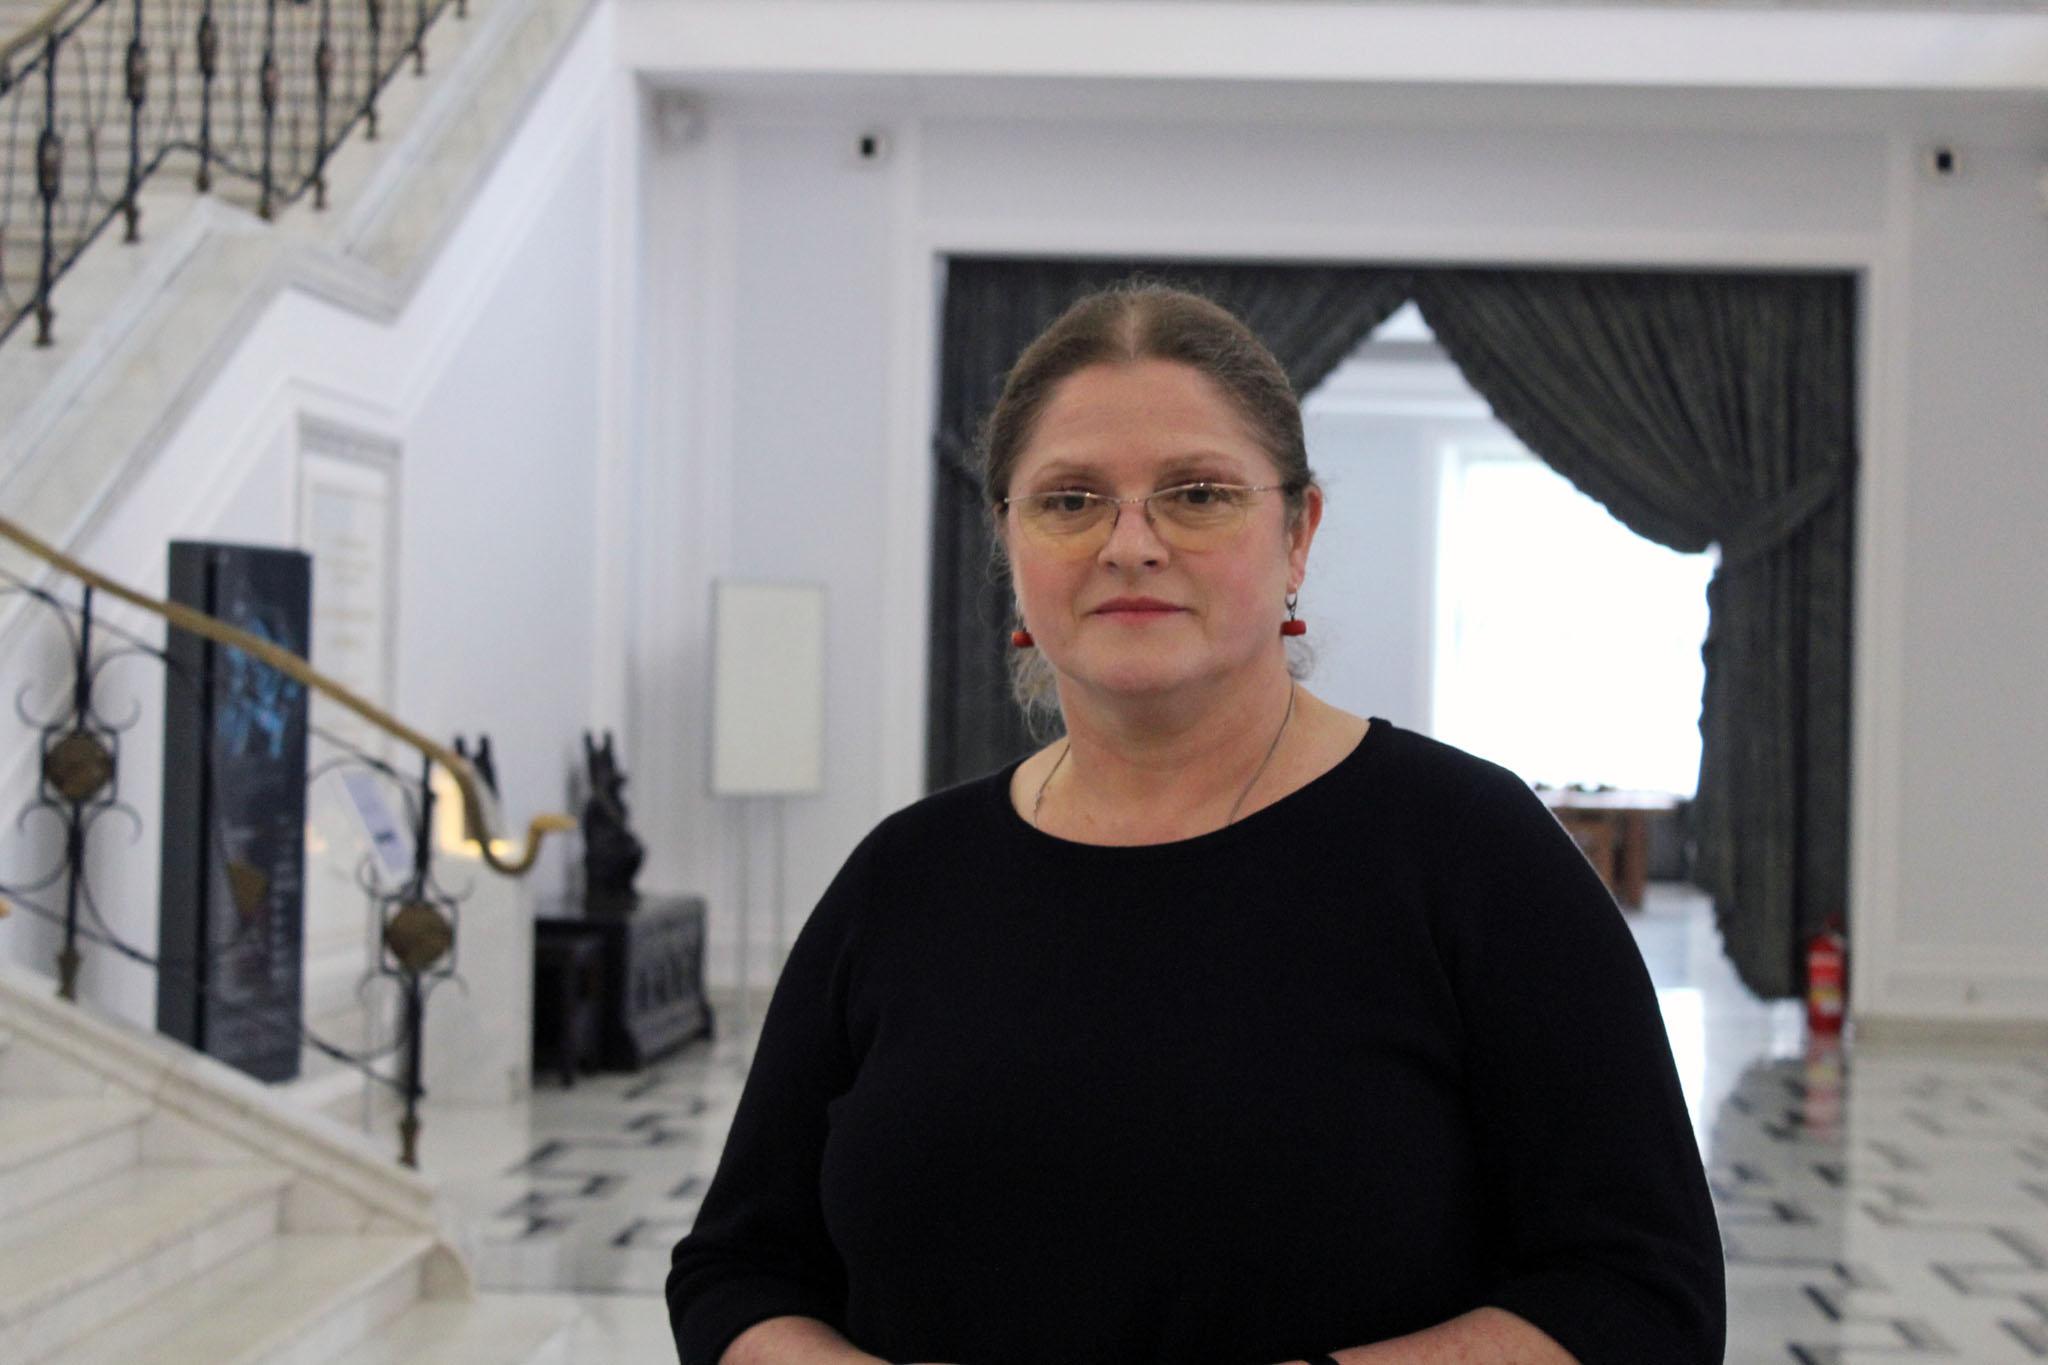 Pawłowicz chce odejść z polityki bo ją źle traktują